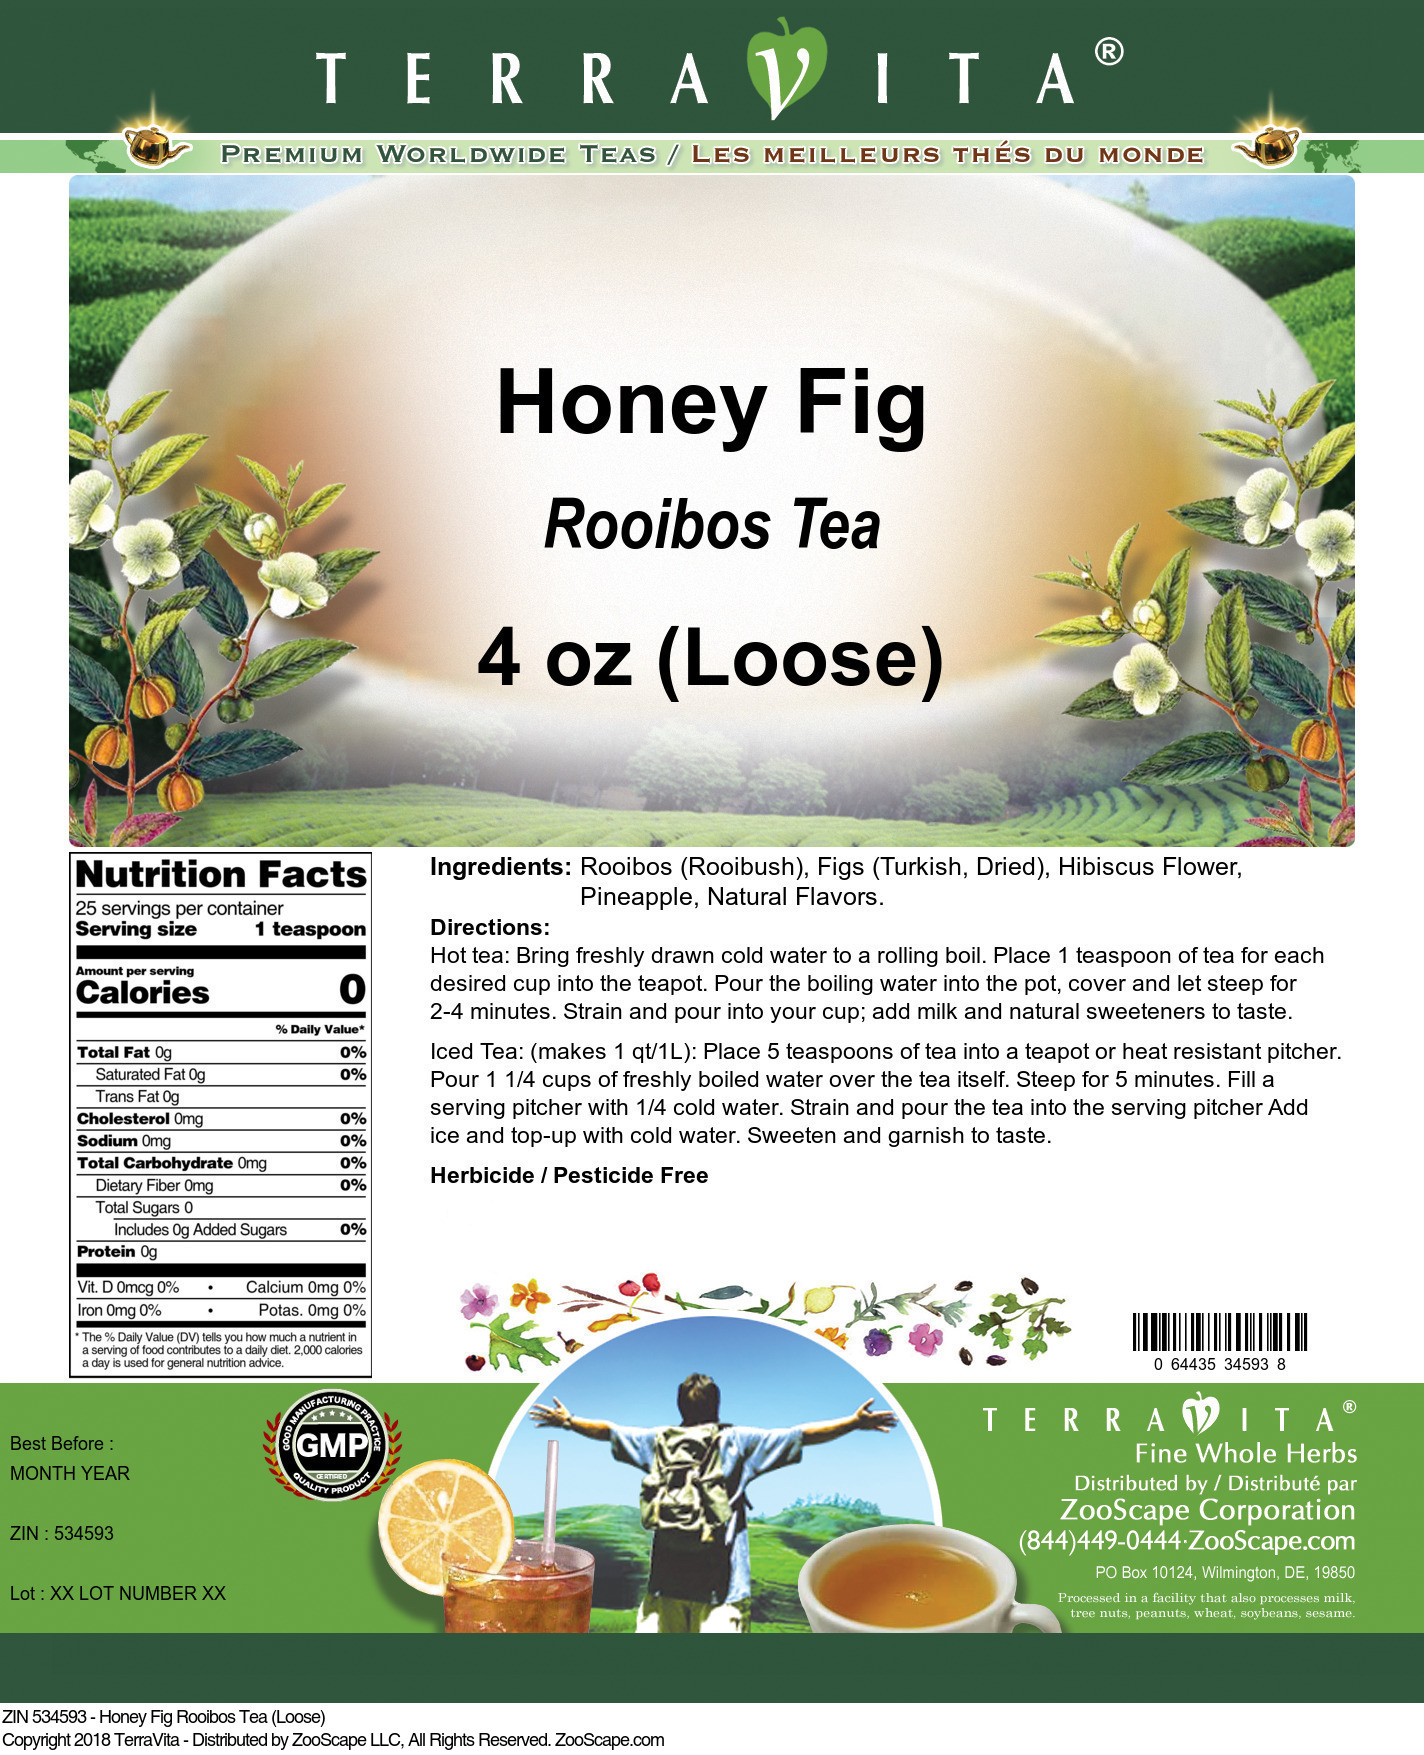 Honey Fig Rooibos Tea (Loose)